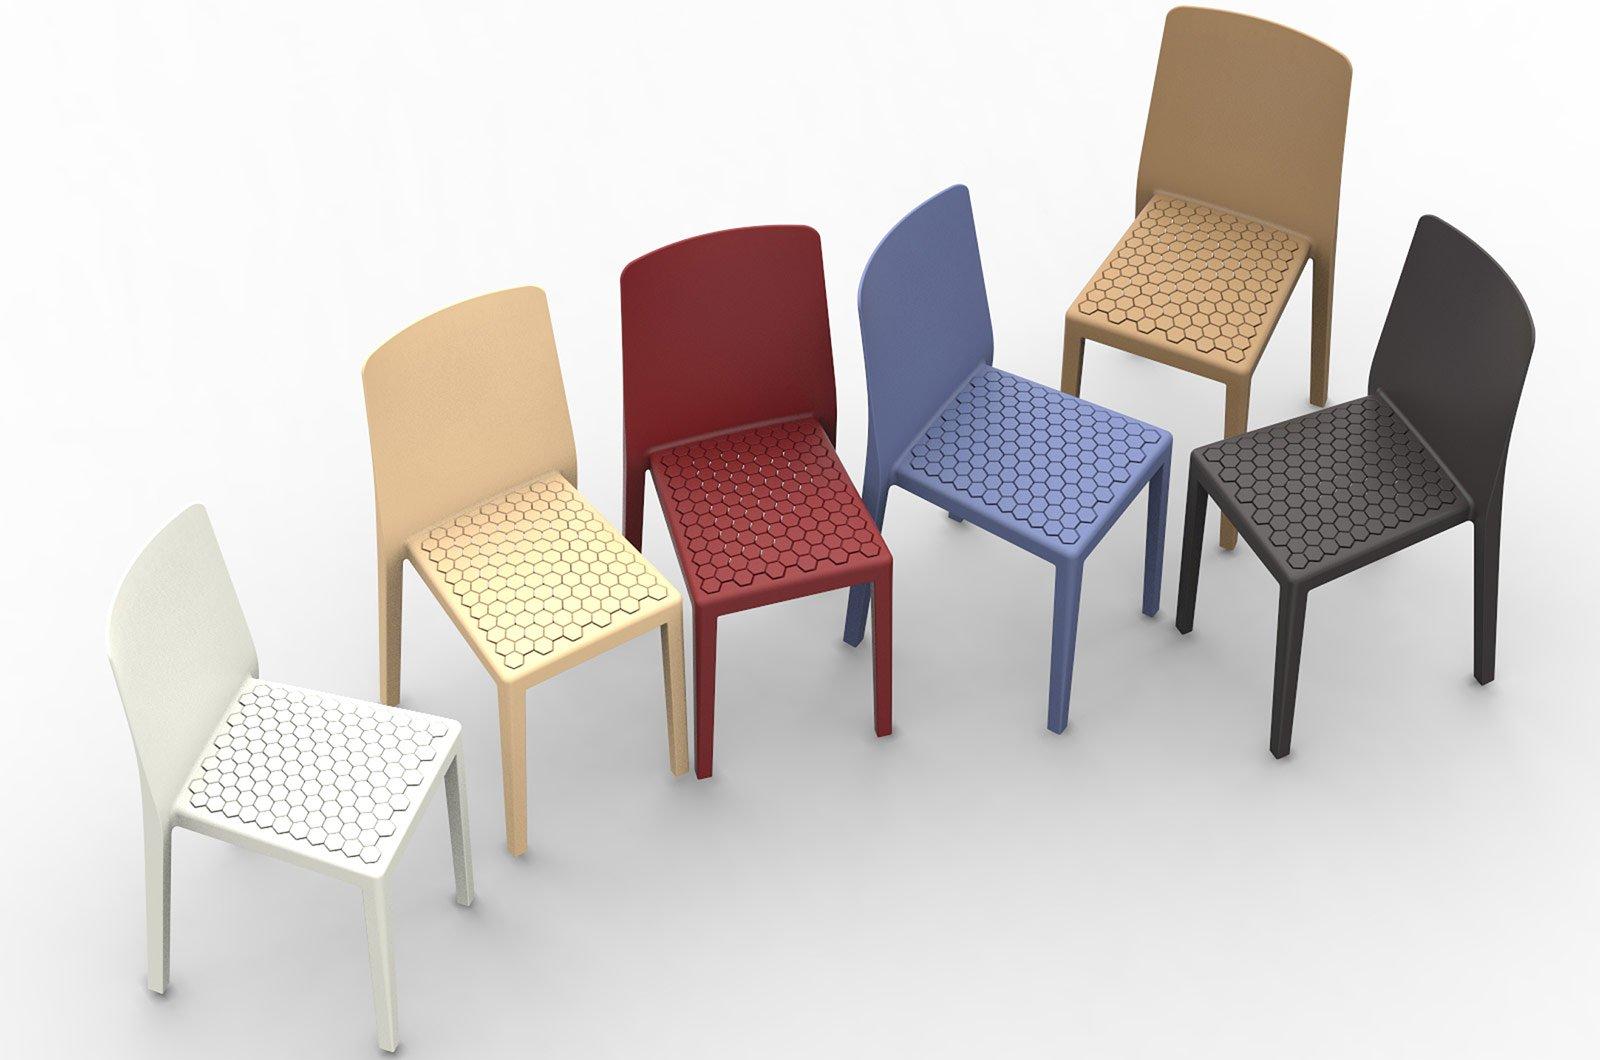 Salone del mobile 2014 superfici lavorate o colorate per for Calligaris sedie